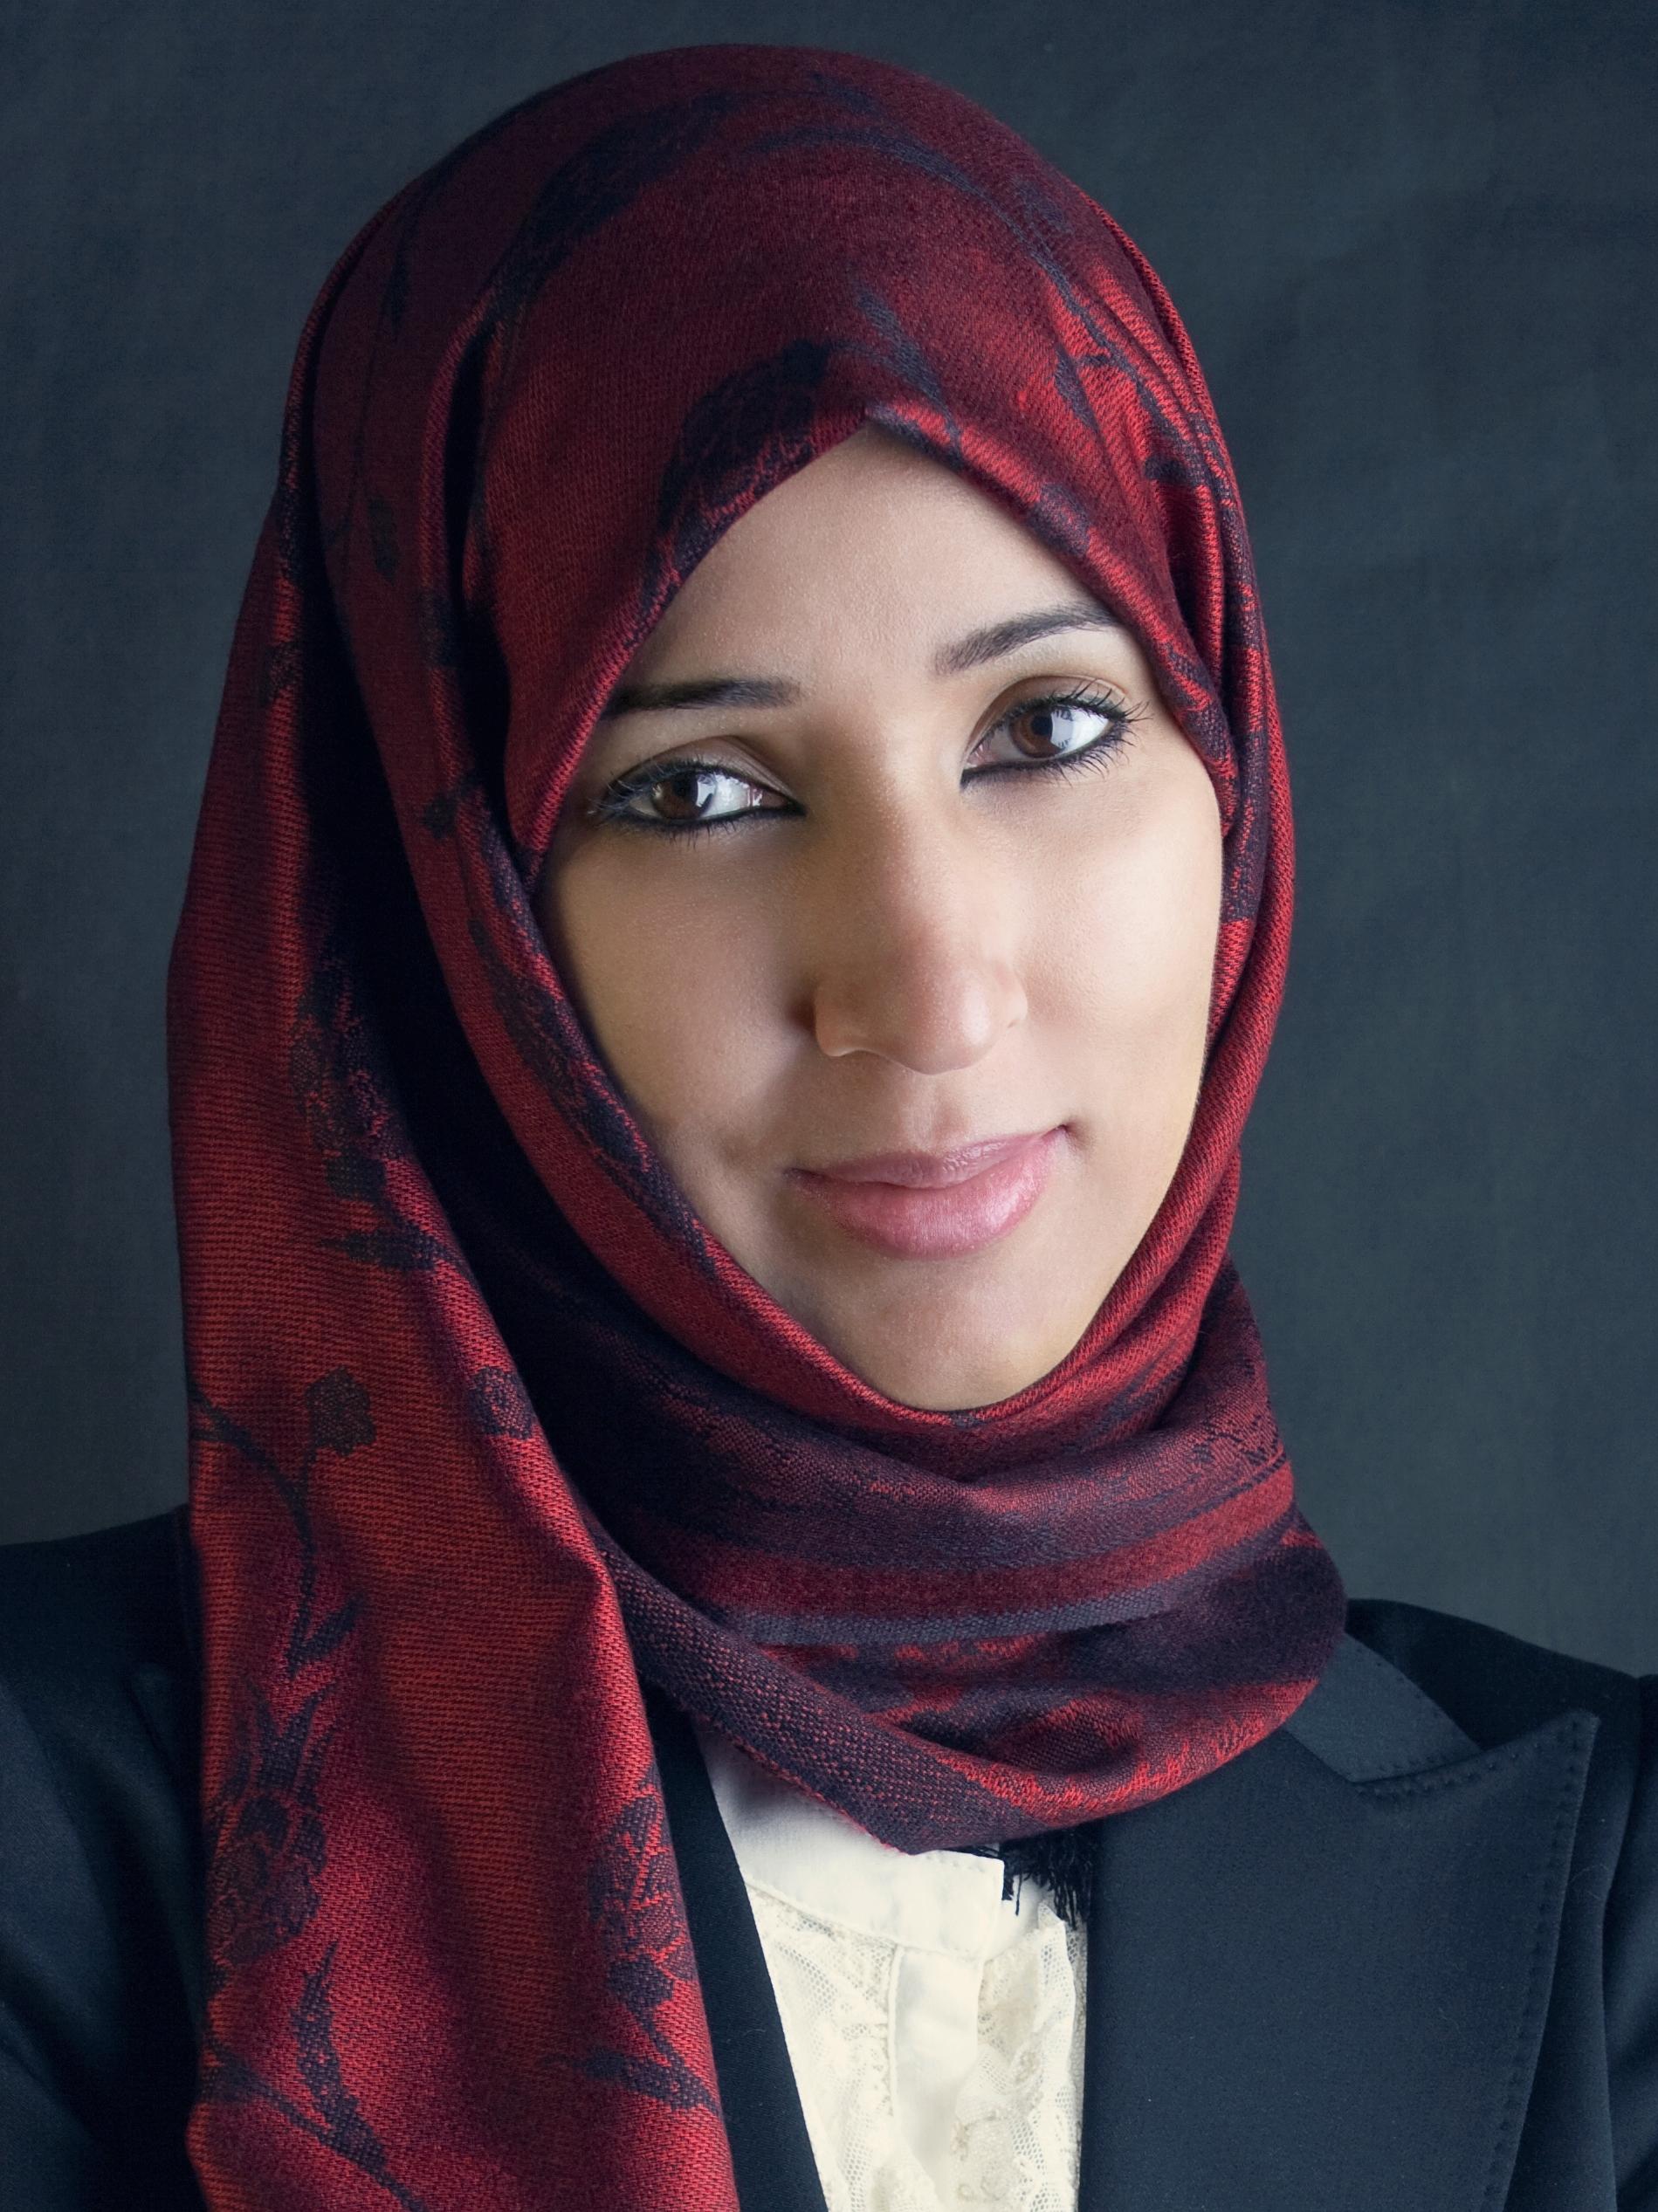 9d23c92a0 Manal al-Sharif - Wikipedia